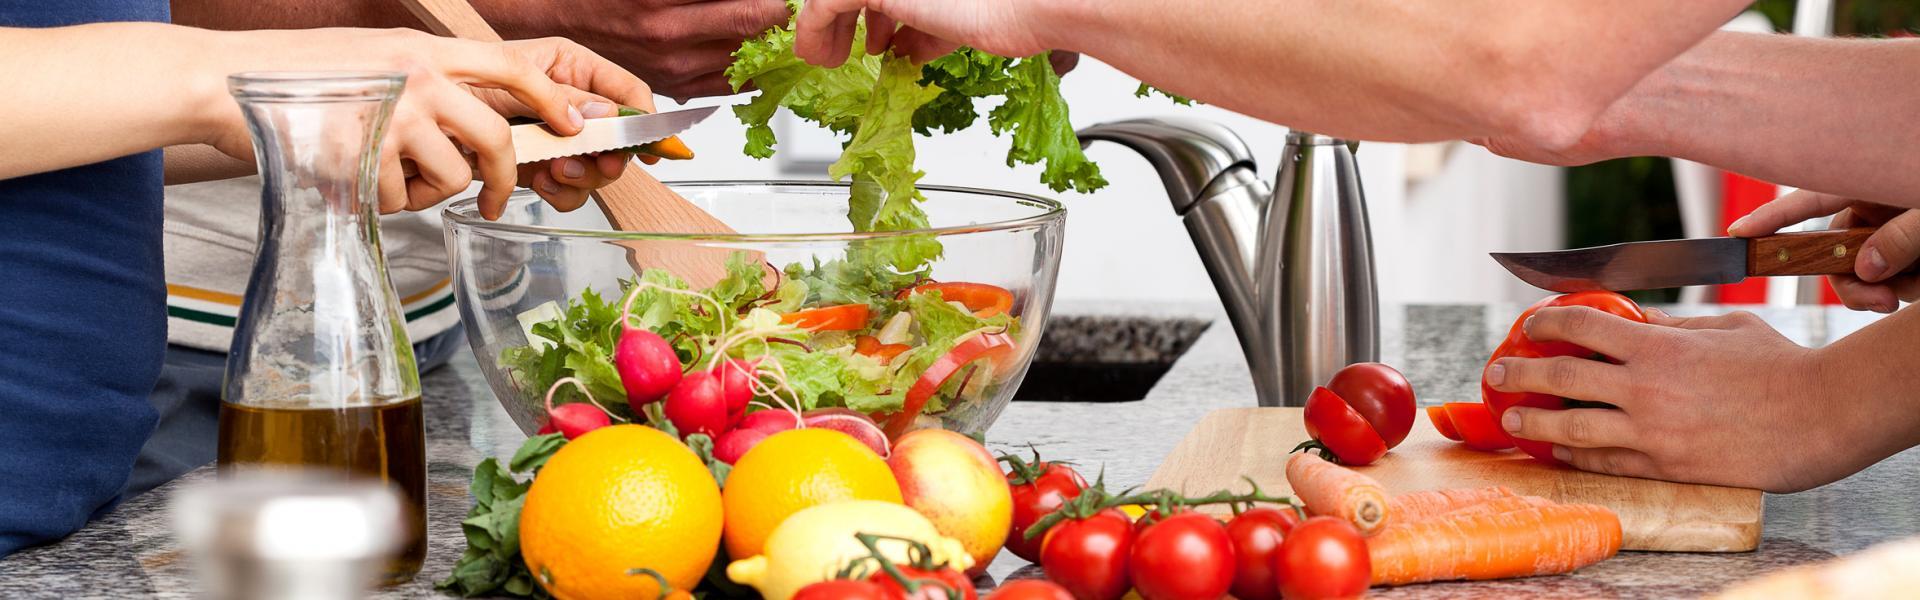 Kochkurse für Studenten